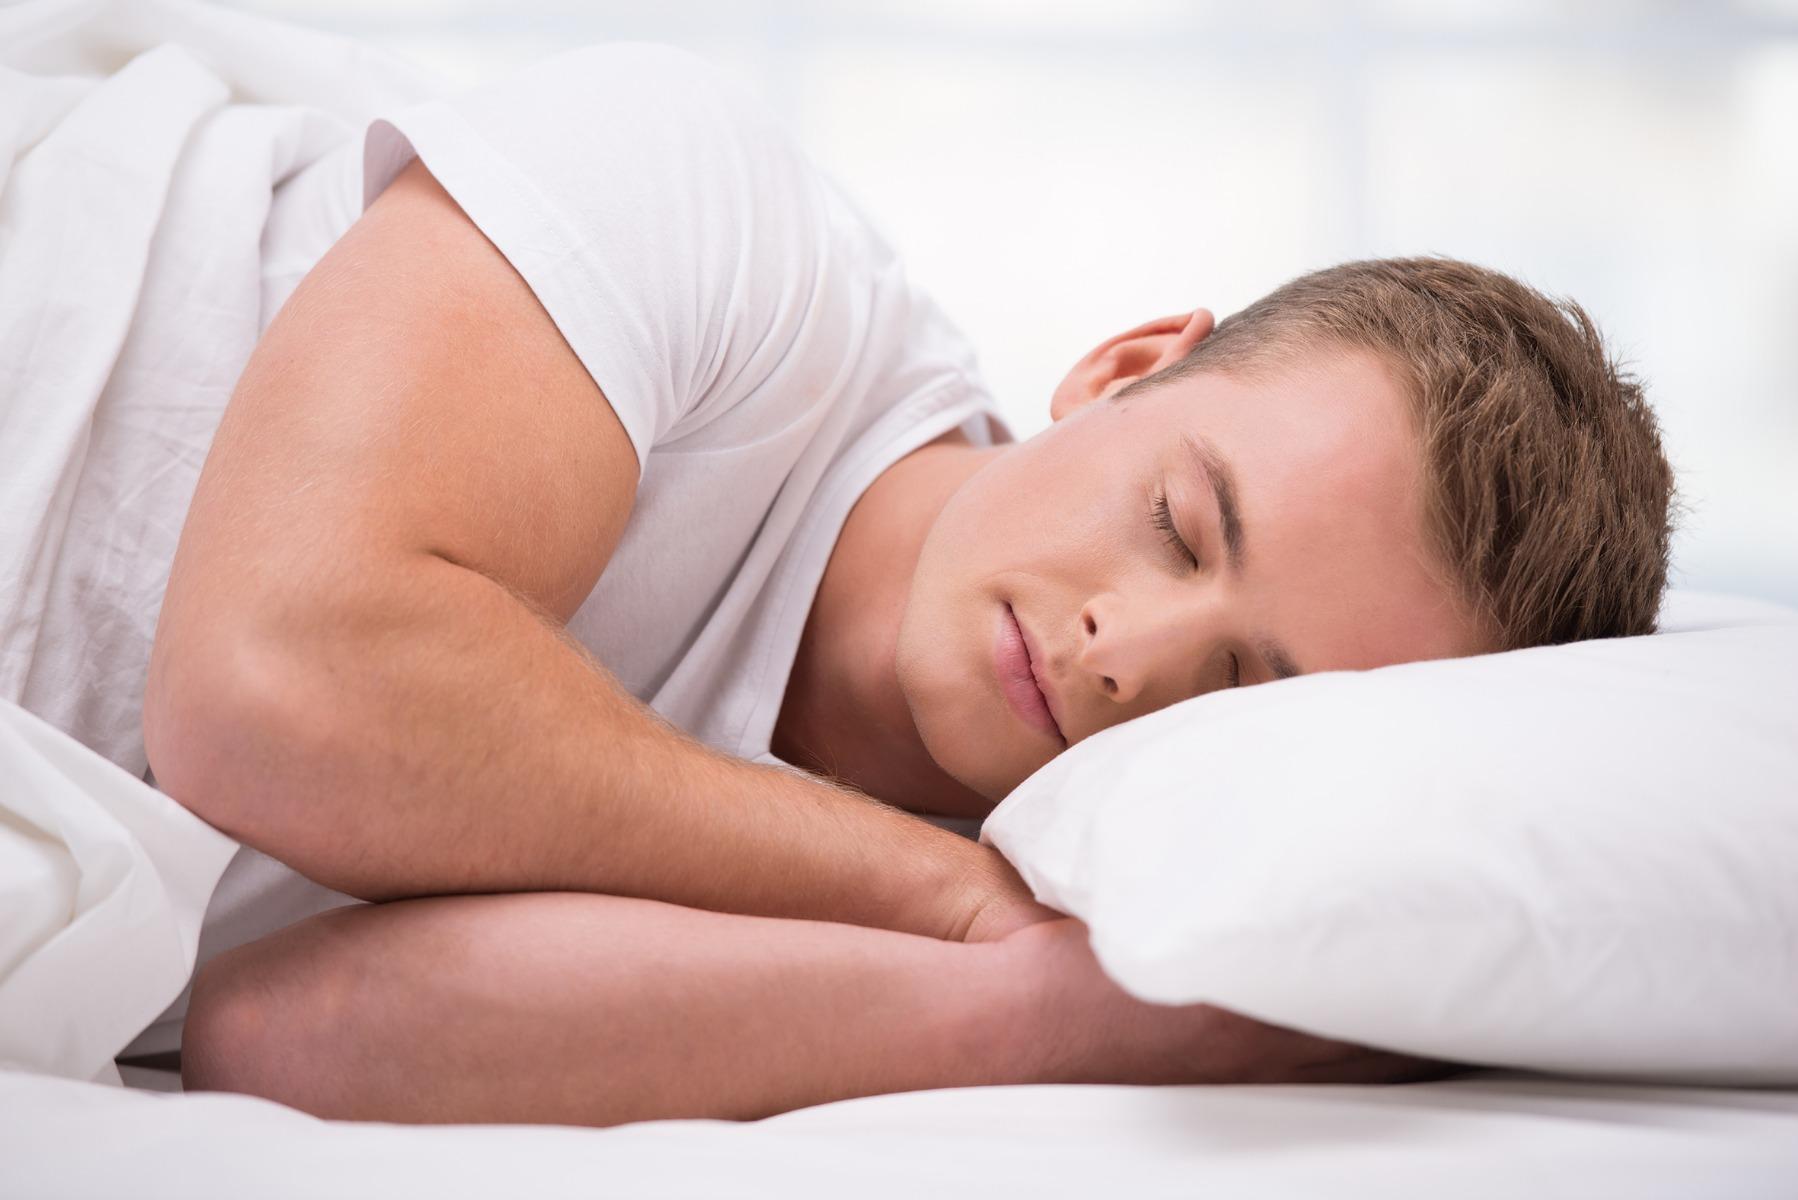 כרית שינה - ככה תעשו את הבחירה הנכונה - תמונה מספר 1